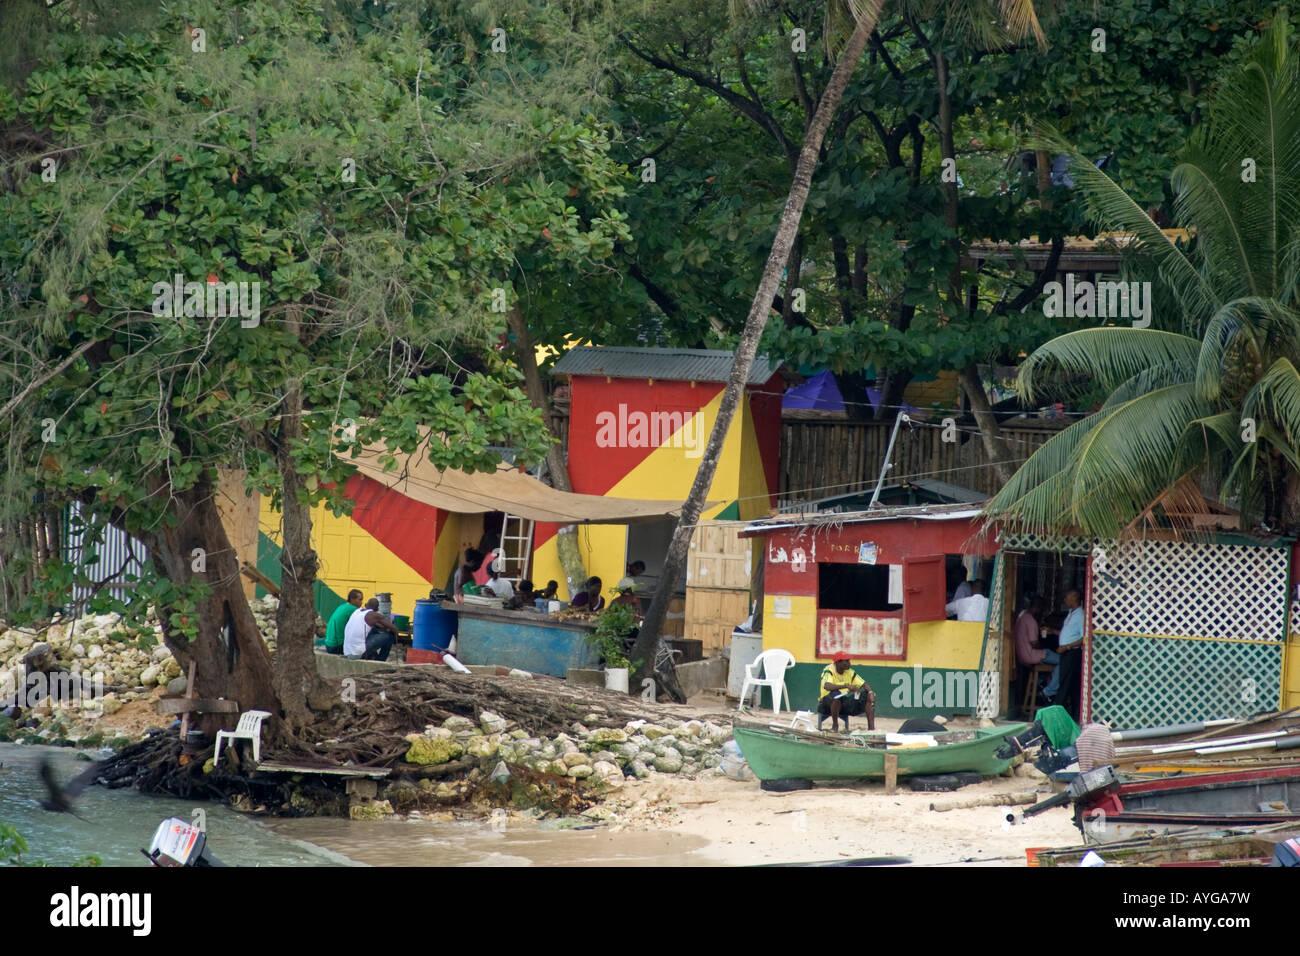 Jamaica Ochos Rios Slum Stock Photo